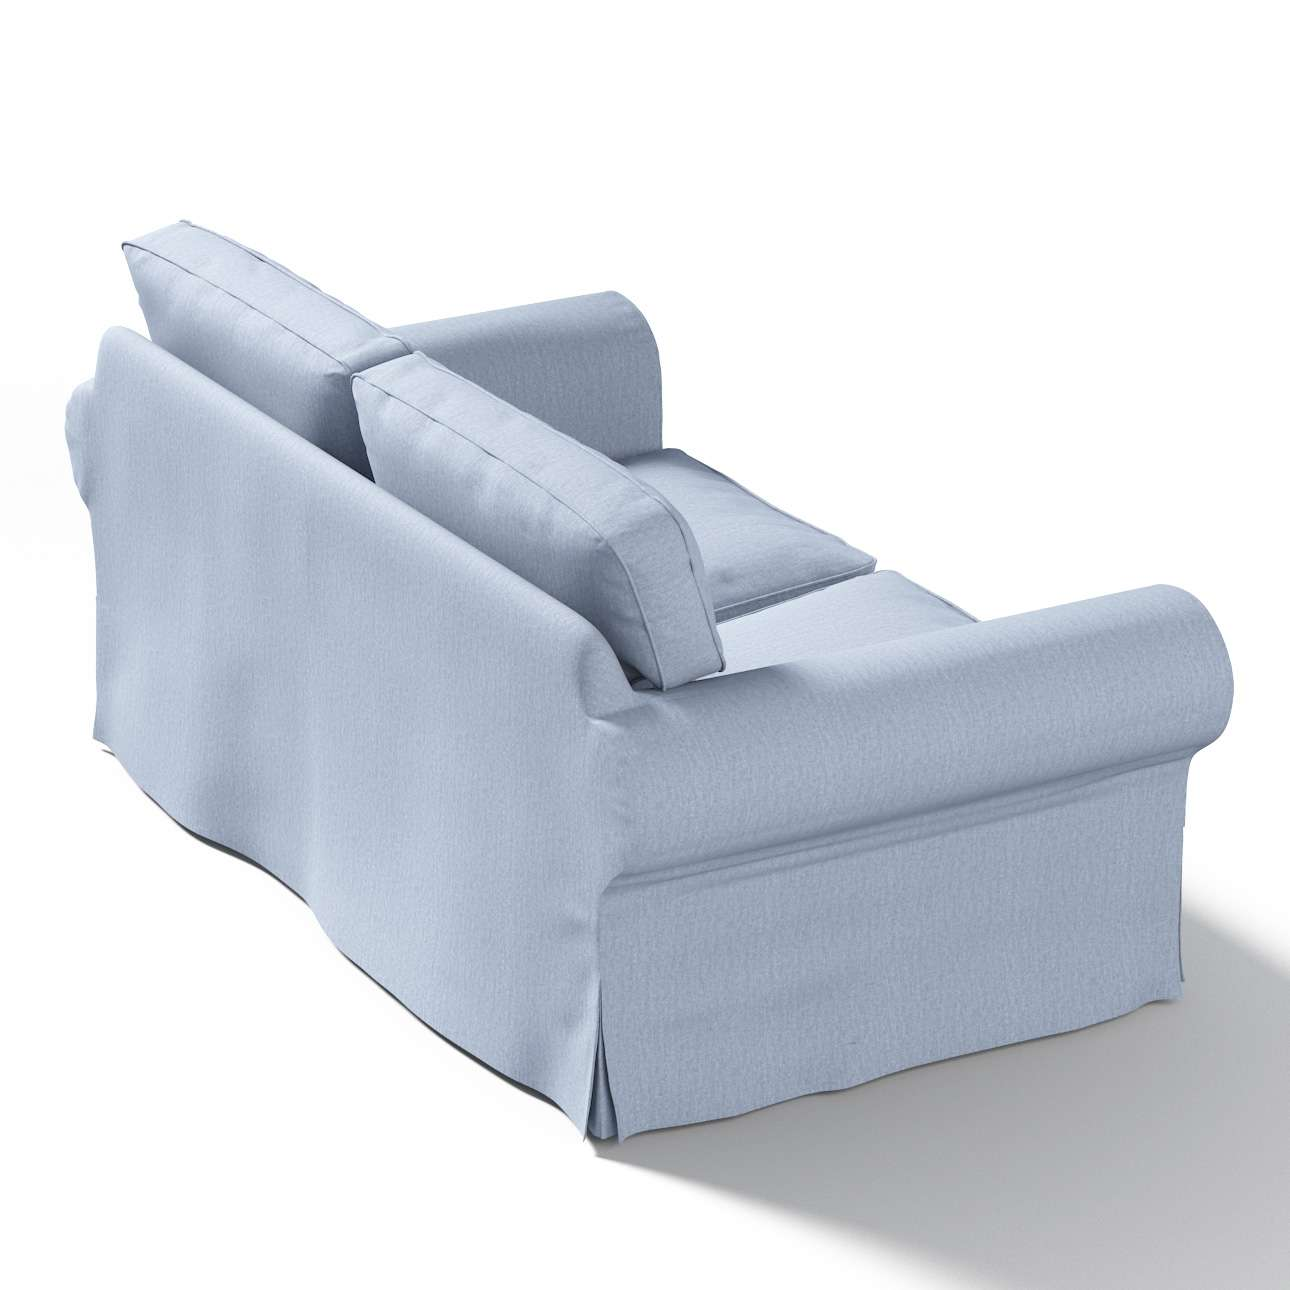 Pokrowiec na sofę Ektorp 2-osobową, nierozkładaną w kolekcji Chenille, tkanina: 702-13